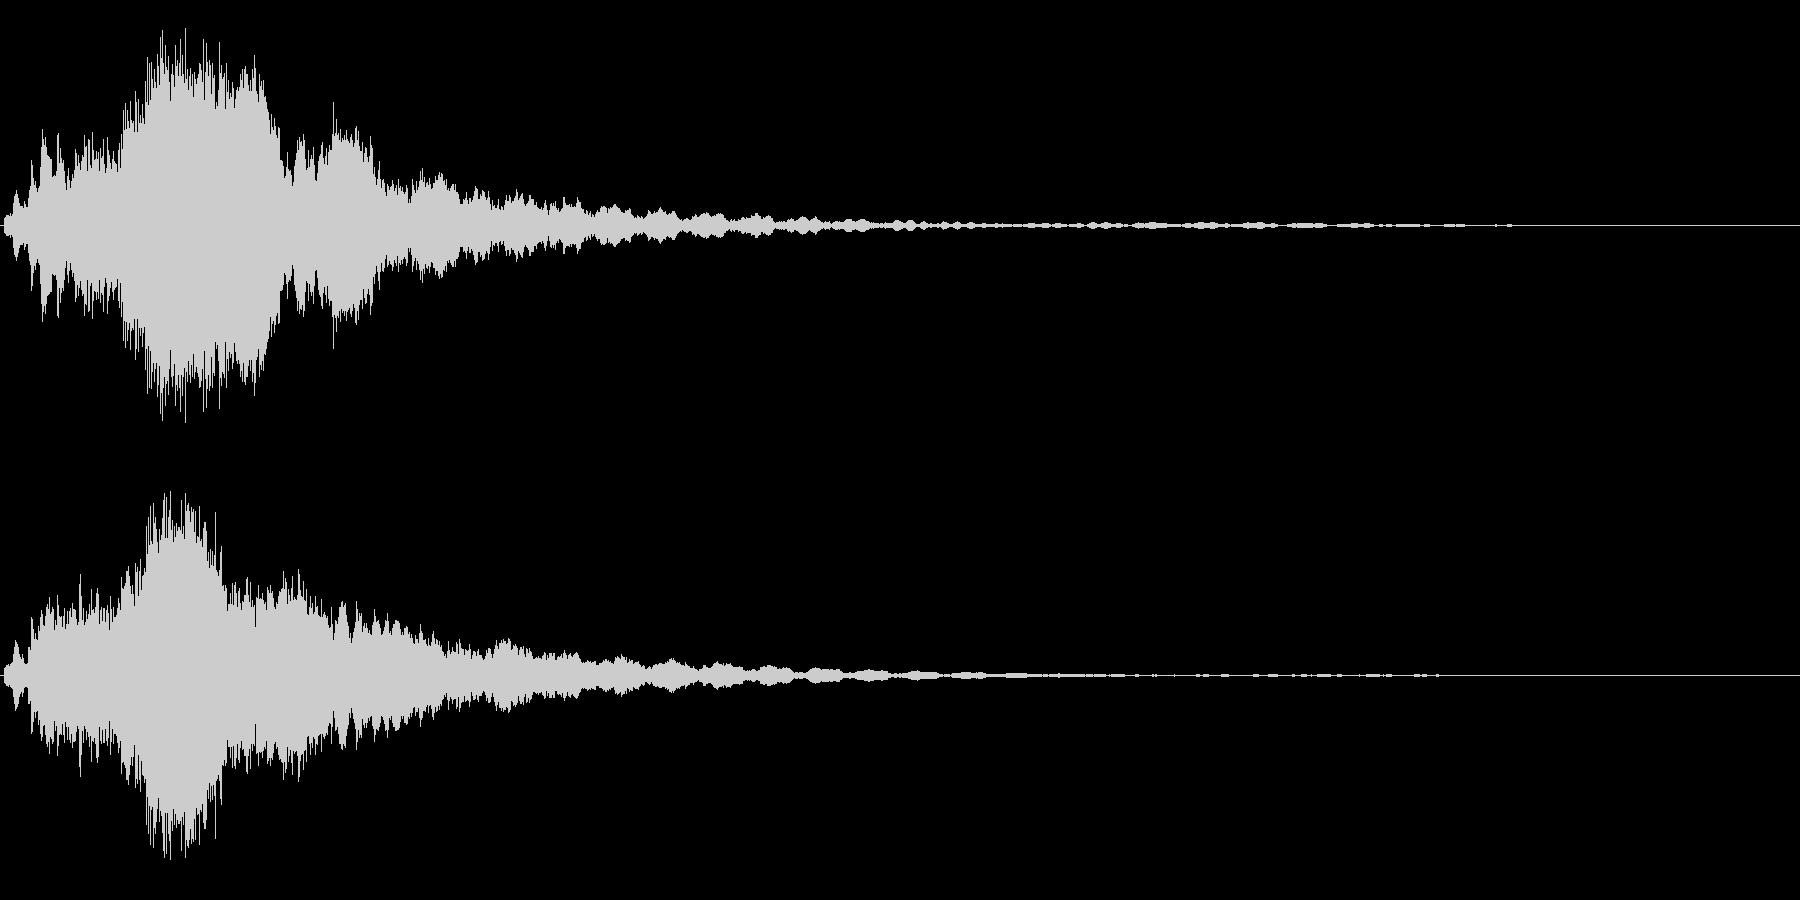 キラキラ/ピキーン(星の輝き 魔法)05の未再生の波形